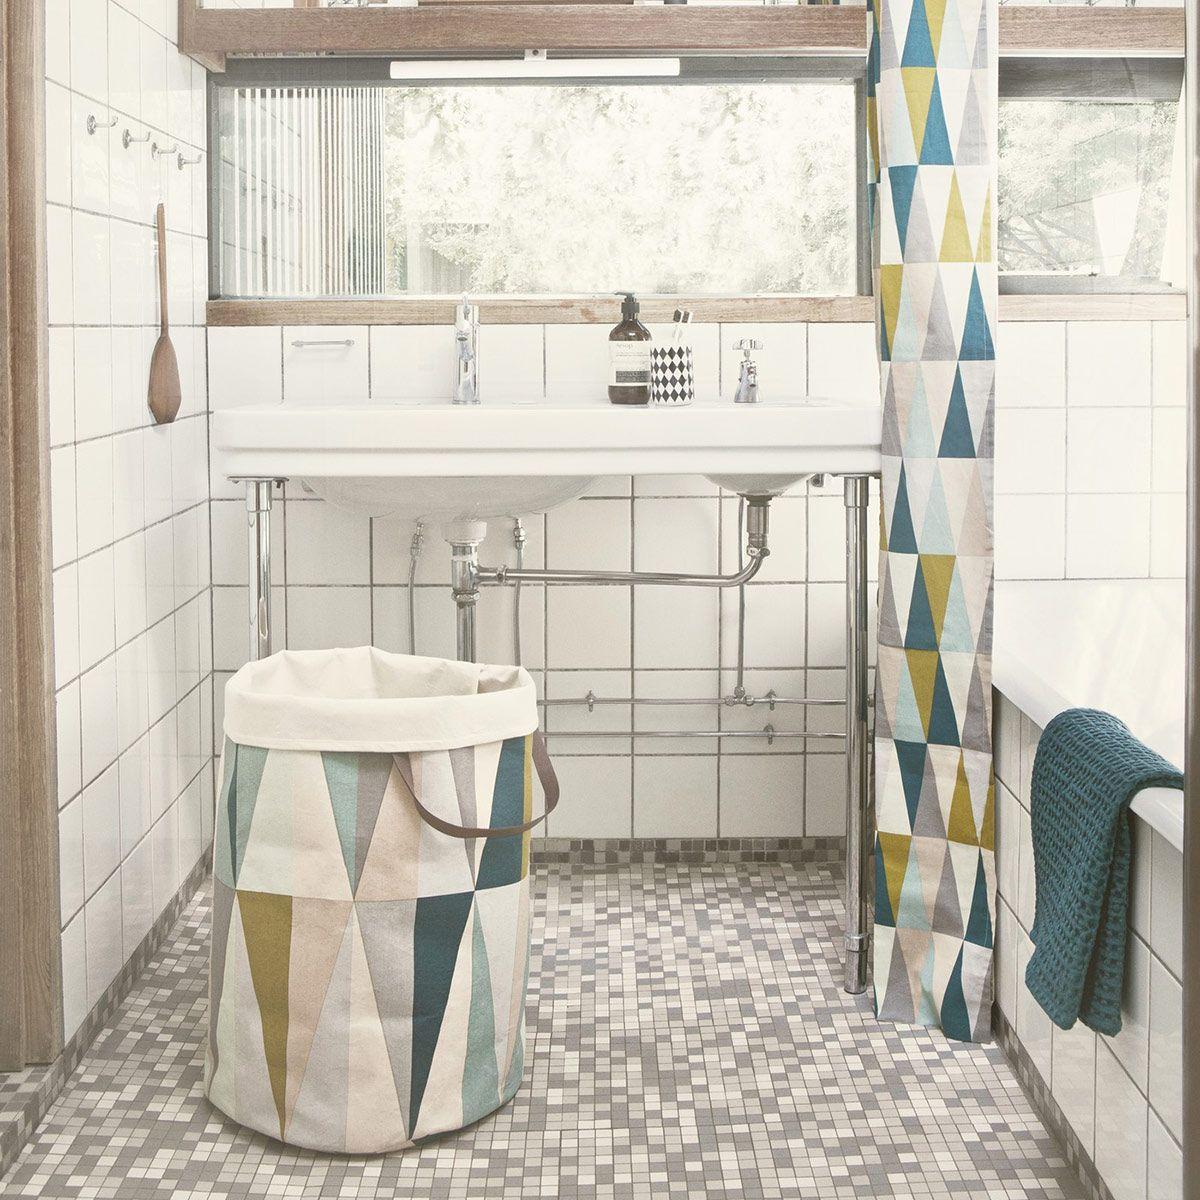 Ferm Living Waschekorb Fermliving Artvoll Topmarke Www Artvoll De Badezimmer Design Bad Inspiration Duschvorhang